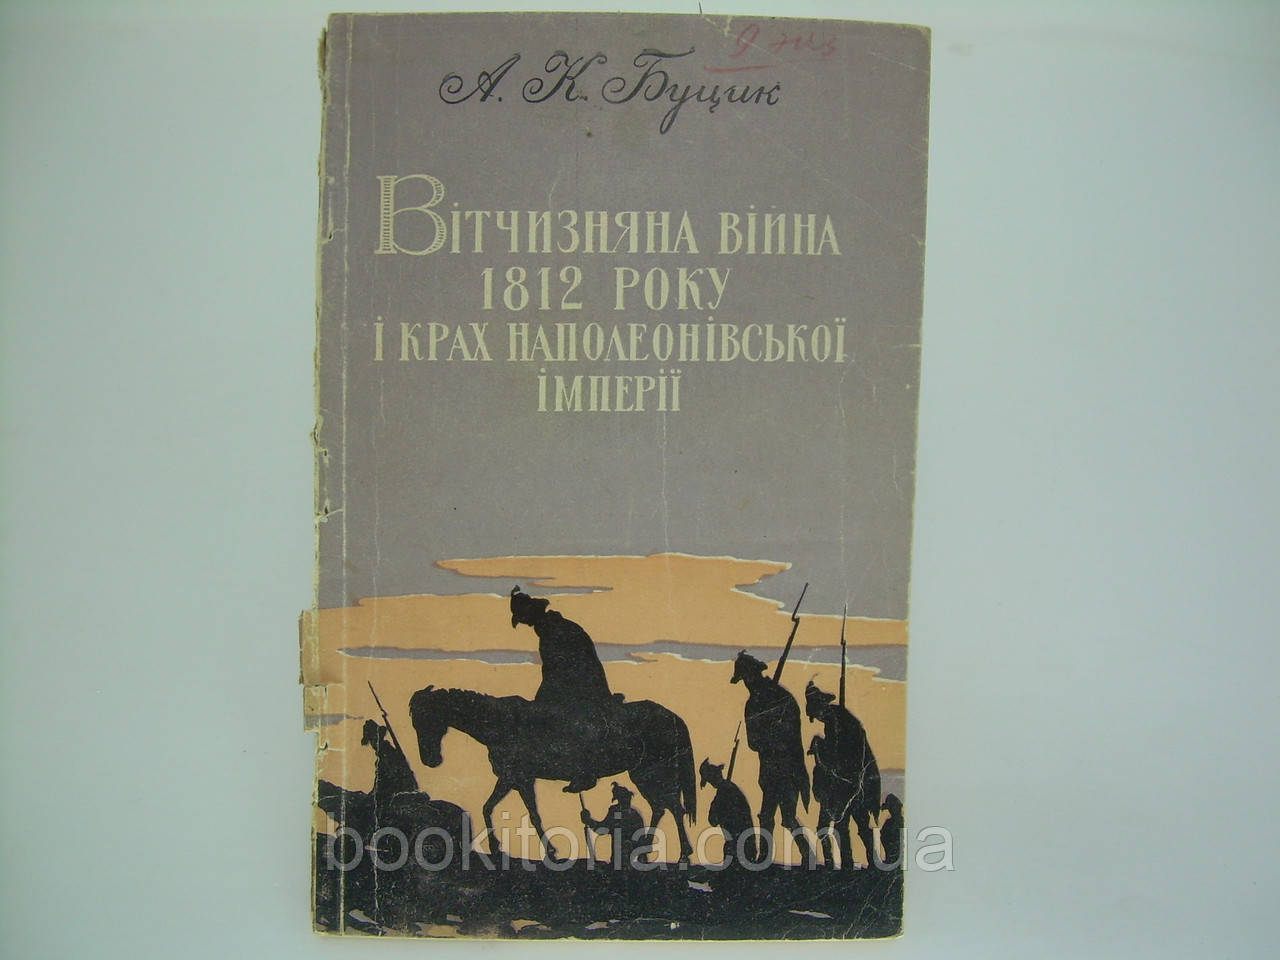 Буцик А.К. Вітчизняна війна 1812 року і крах наполеонівської імперії (б/у).